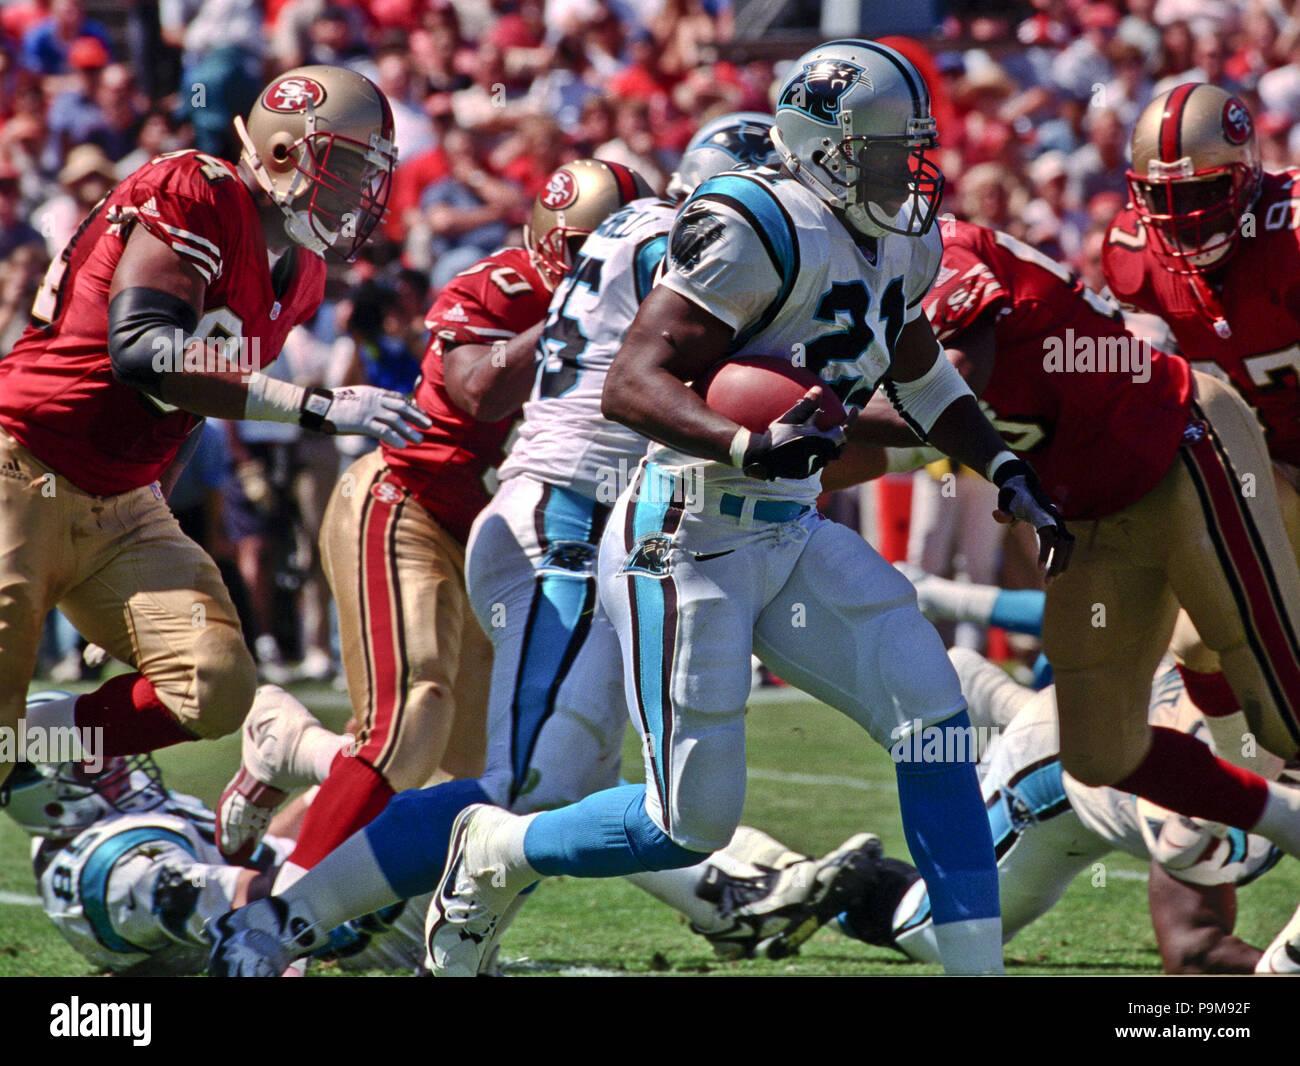 b9585ee02 Carolina Panthers at Candlestick Park Sunday